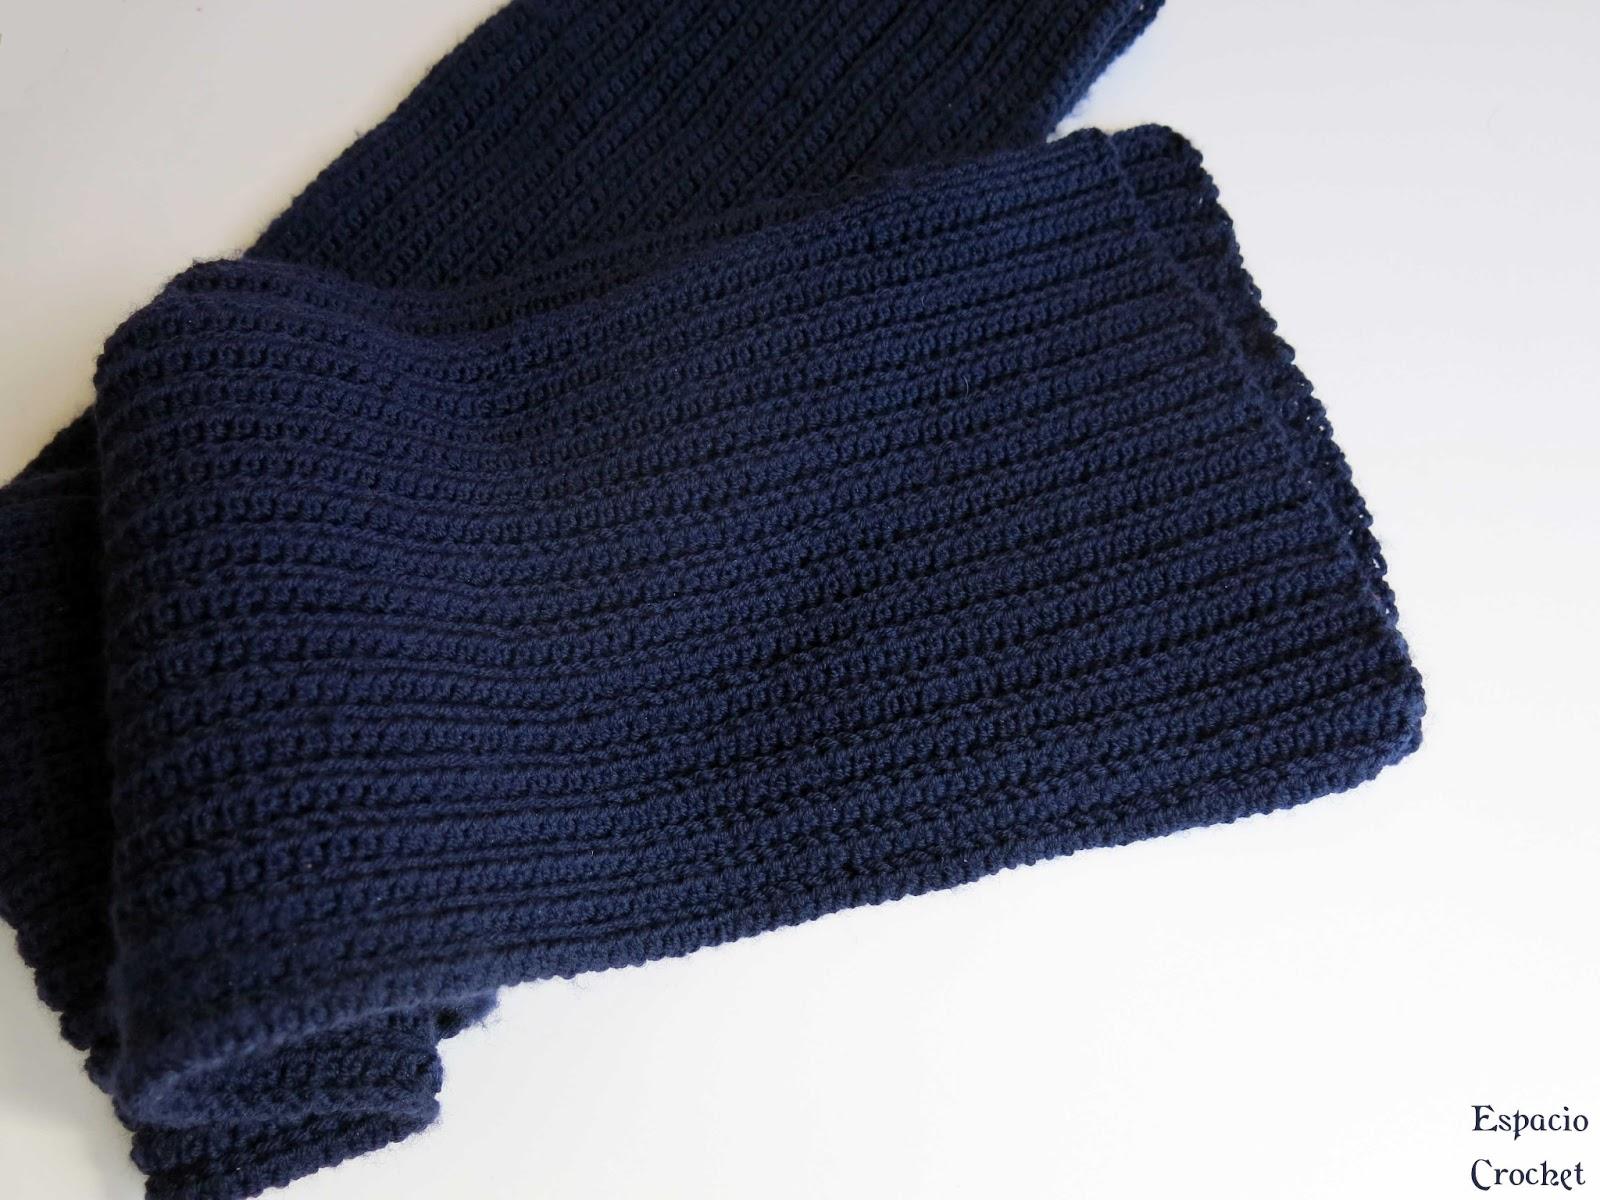 Bufanda para chico | Espacio Crochet